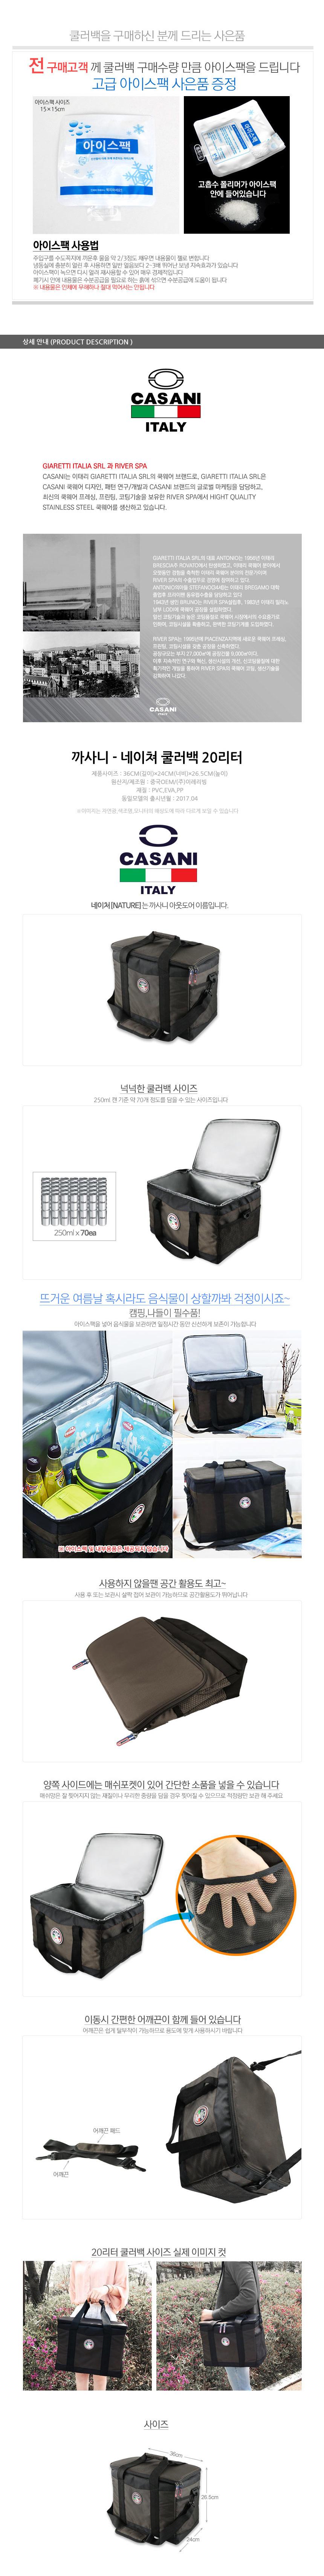 까사니 네이쳐 보온보냉 쿨러백 20리터 - 서울리빙, 40,000원, 가방/수납, 보온/보냉가방